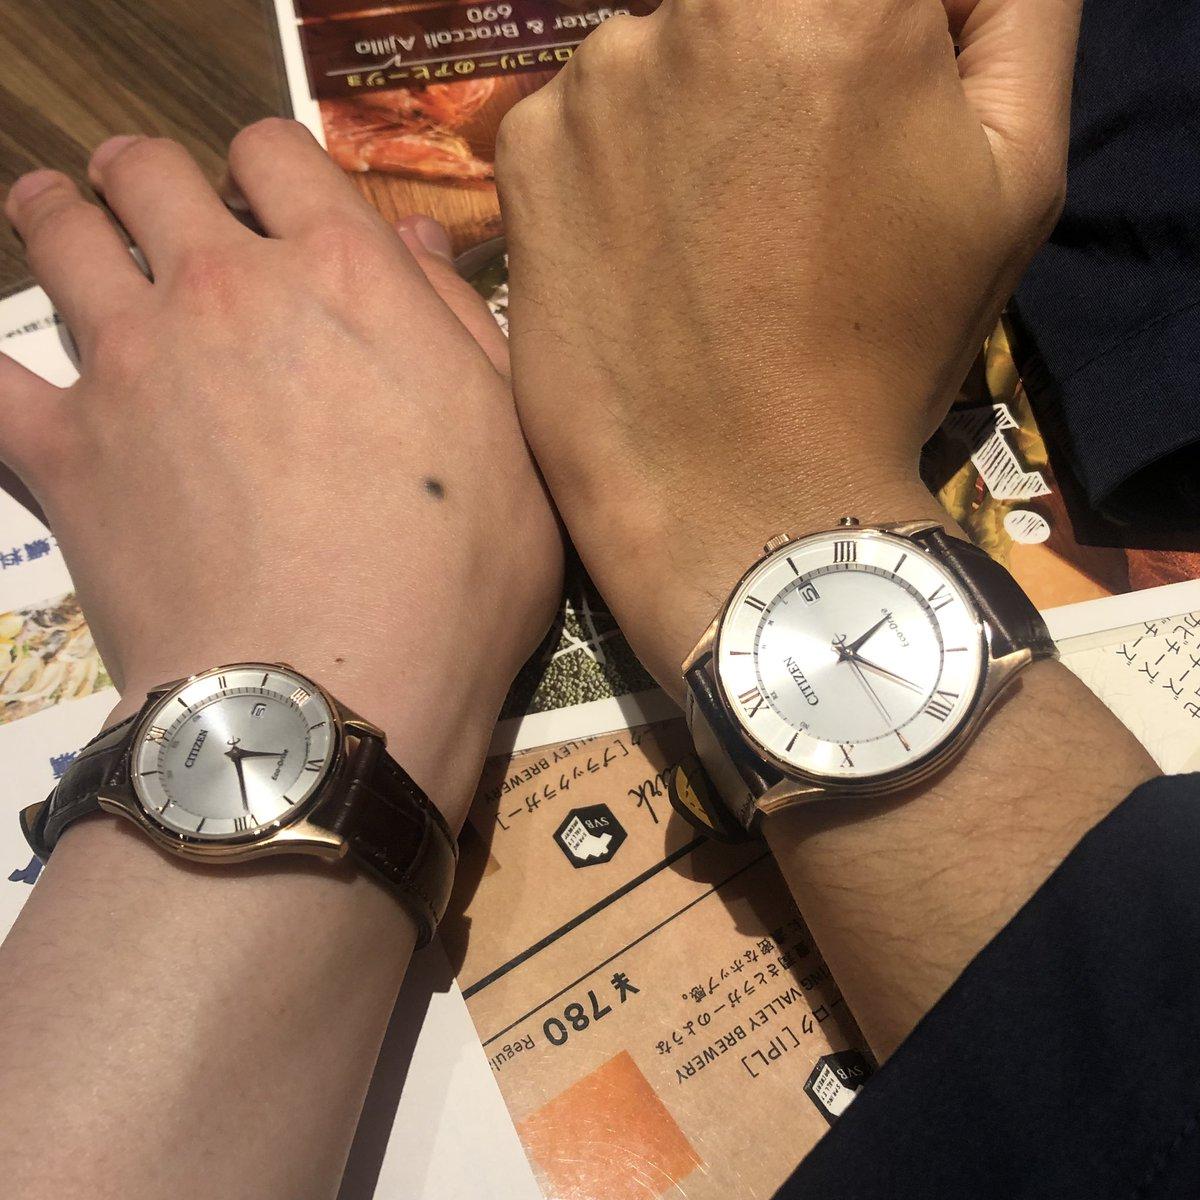 ちょっwwwww俺が誕プレに父から買ってもらった腕時計と、ちだっち(@celluloid__ )が知り合いから就職祝いにプレゼントされた腕時計が、サイズ違いで丸かぶり!!